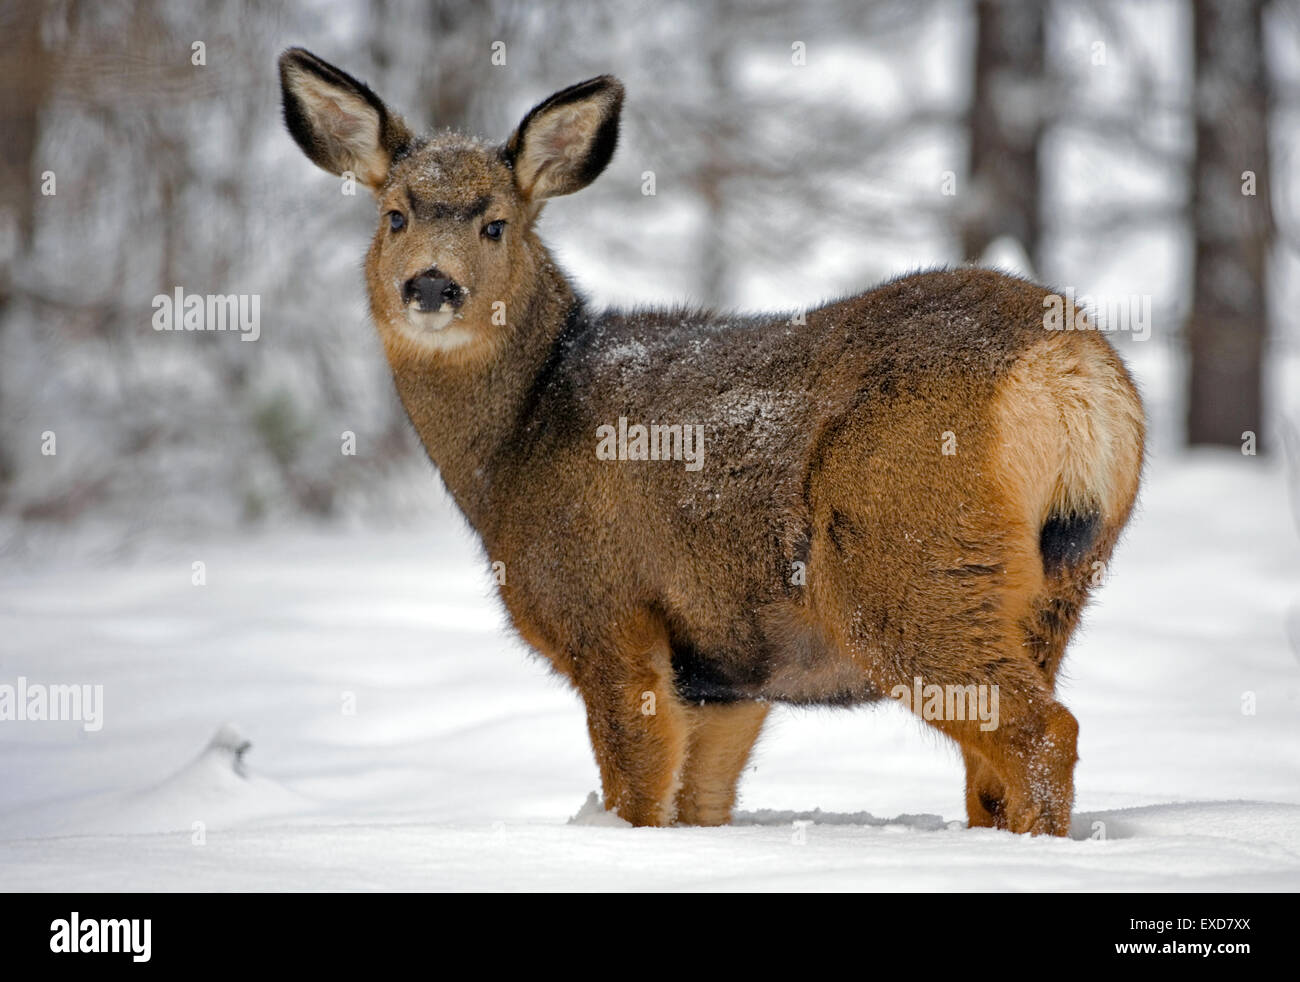 El venado bura Doe en bosque en nieve profunda Imagen De Stock